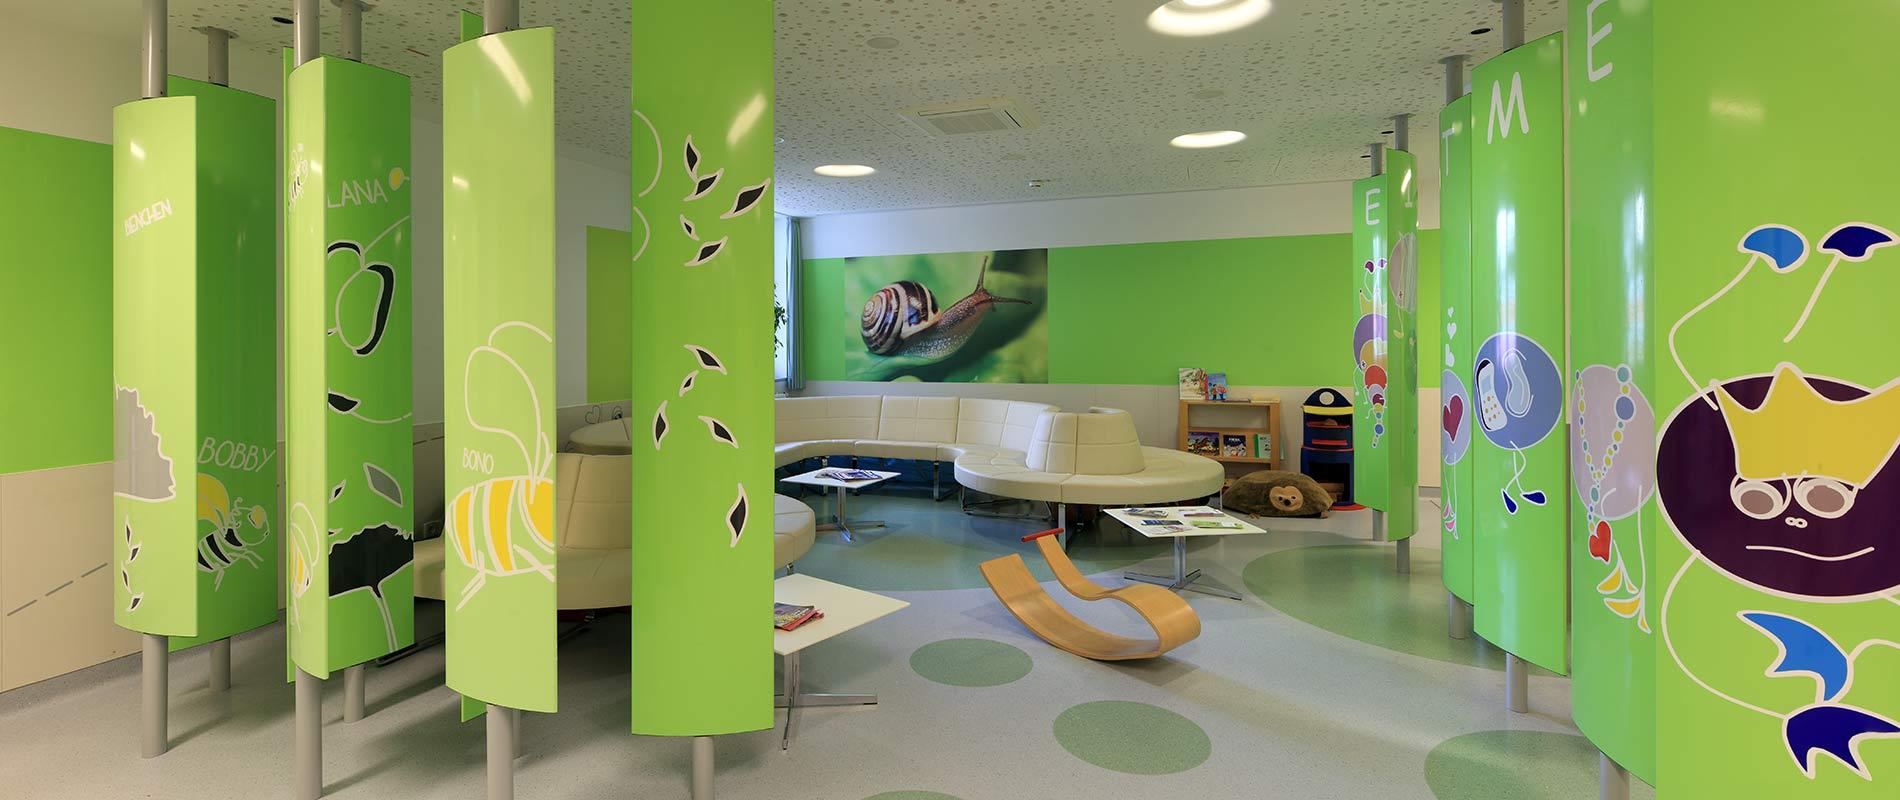 Klinikum Lippe Wartebereich Sitzbaenke